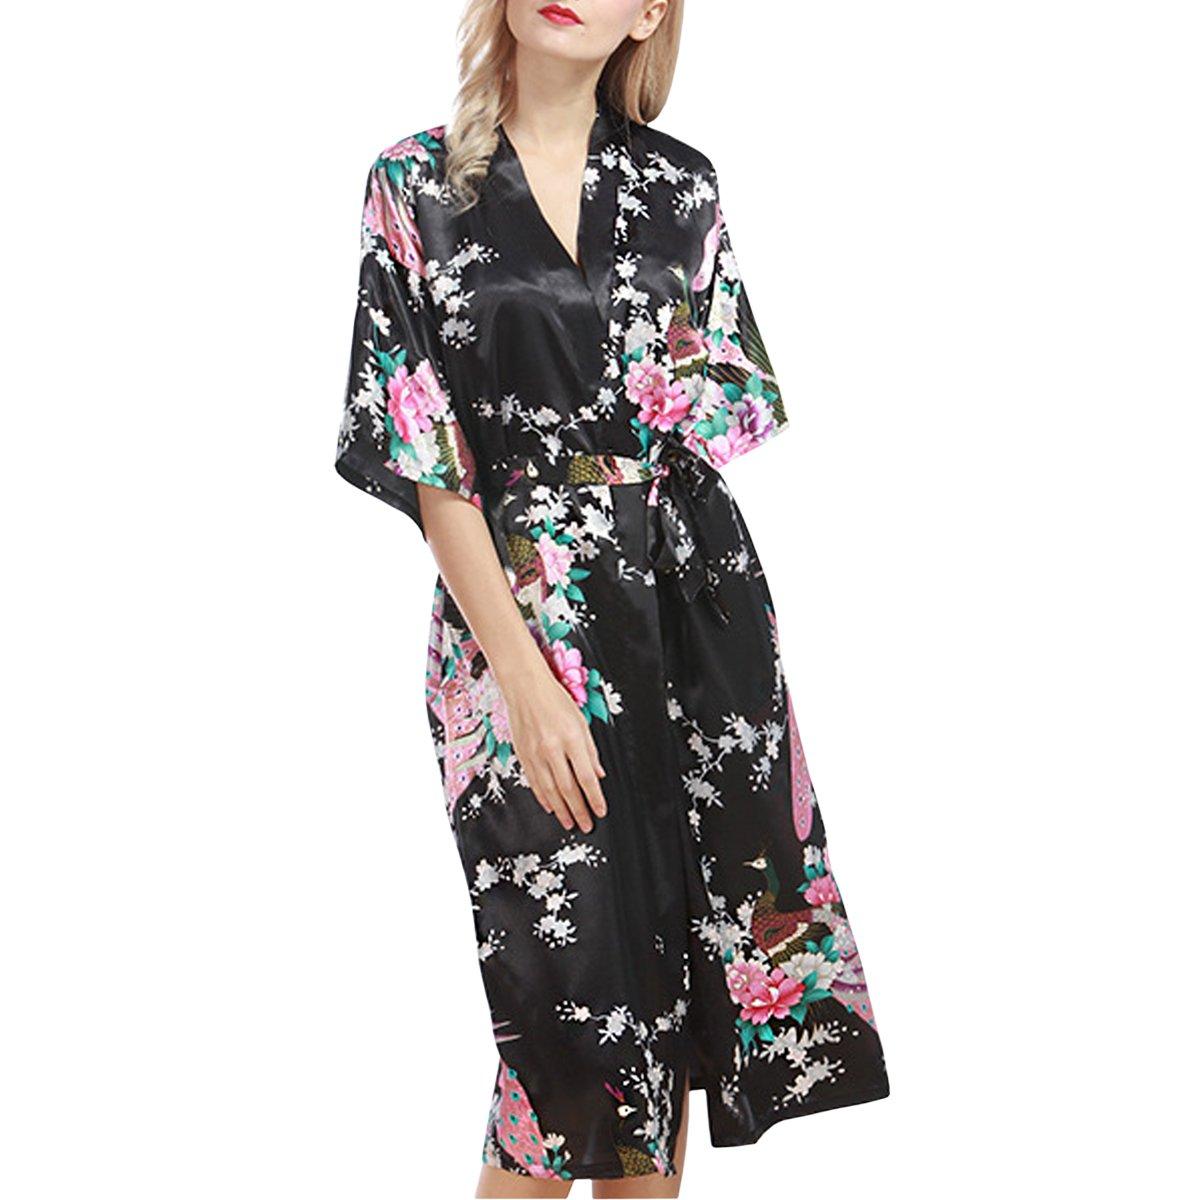 Sidiou Group Bata de Sat/én Vestido Kimono Largo Mujer Camis/ón Pijamas Ropa de Dormir Albornoz Saten